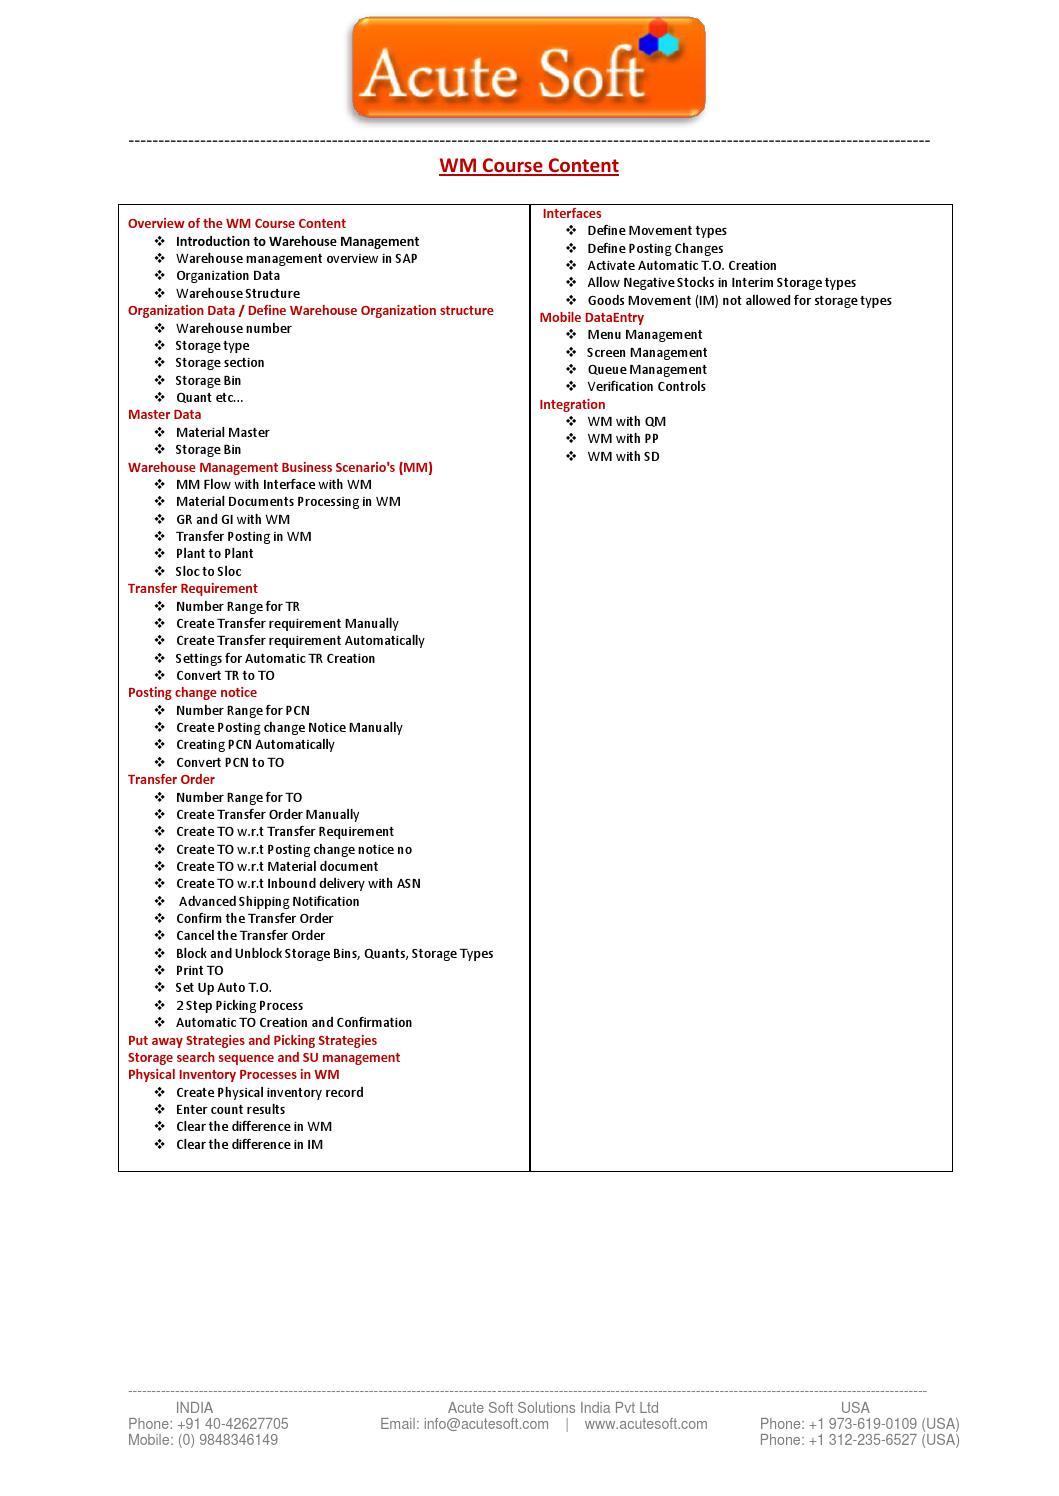 Sap wm pdf by acutesoft038 - issuu